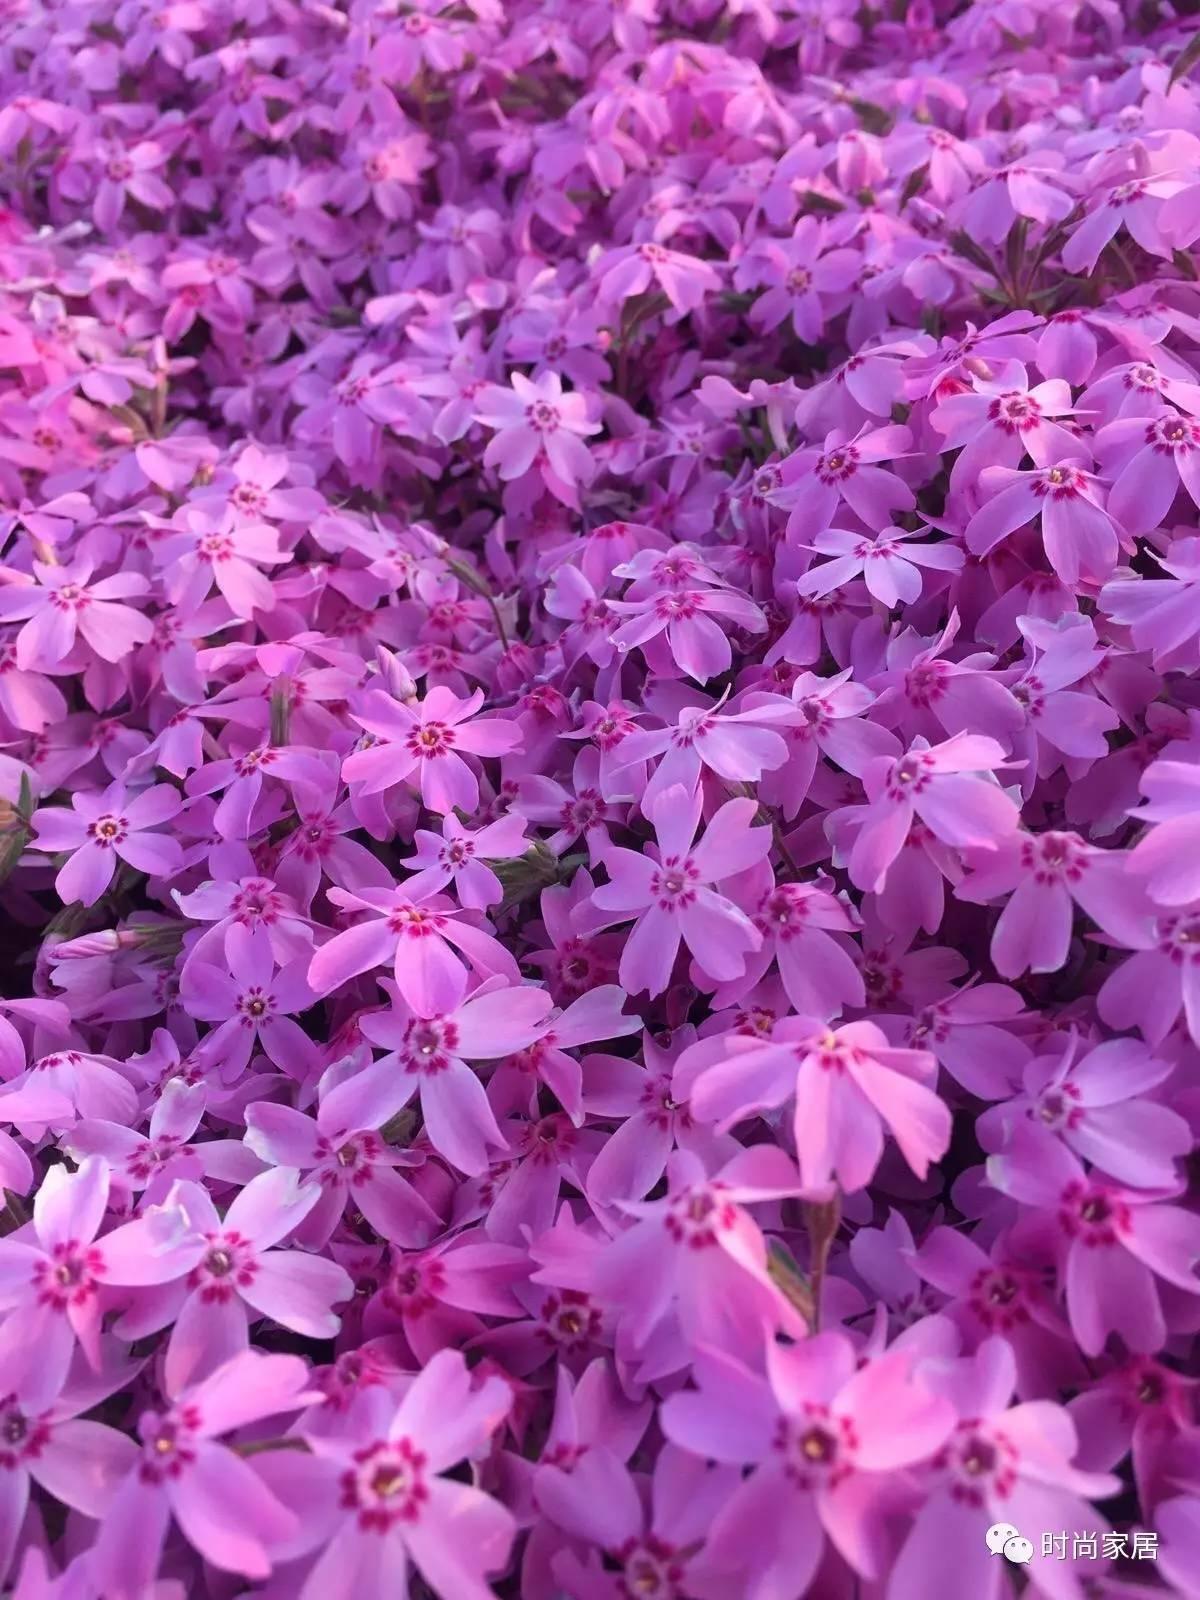 春暖花开,在花花草草里找配色灵感,好惊艳!